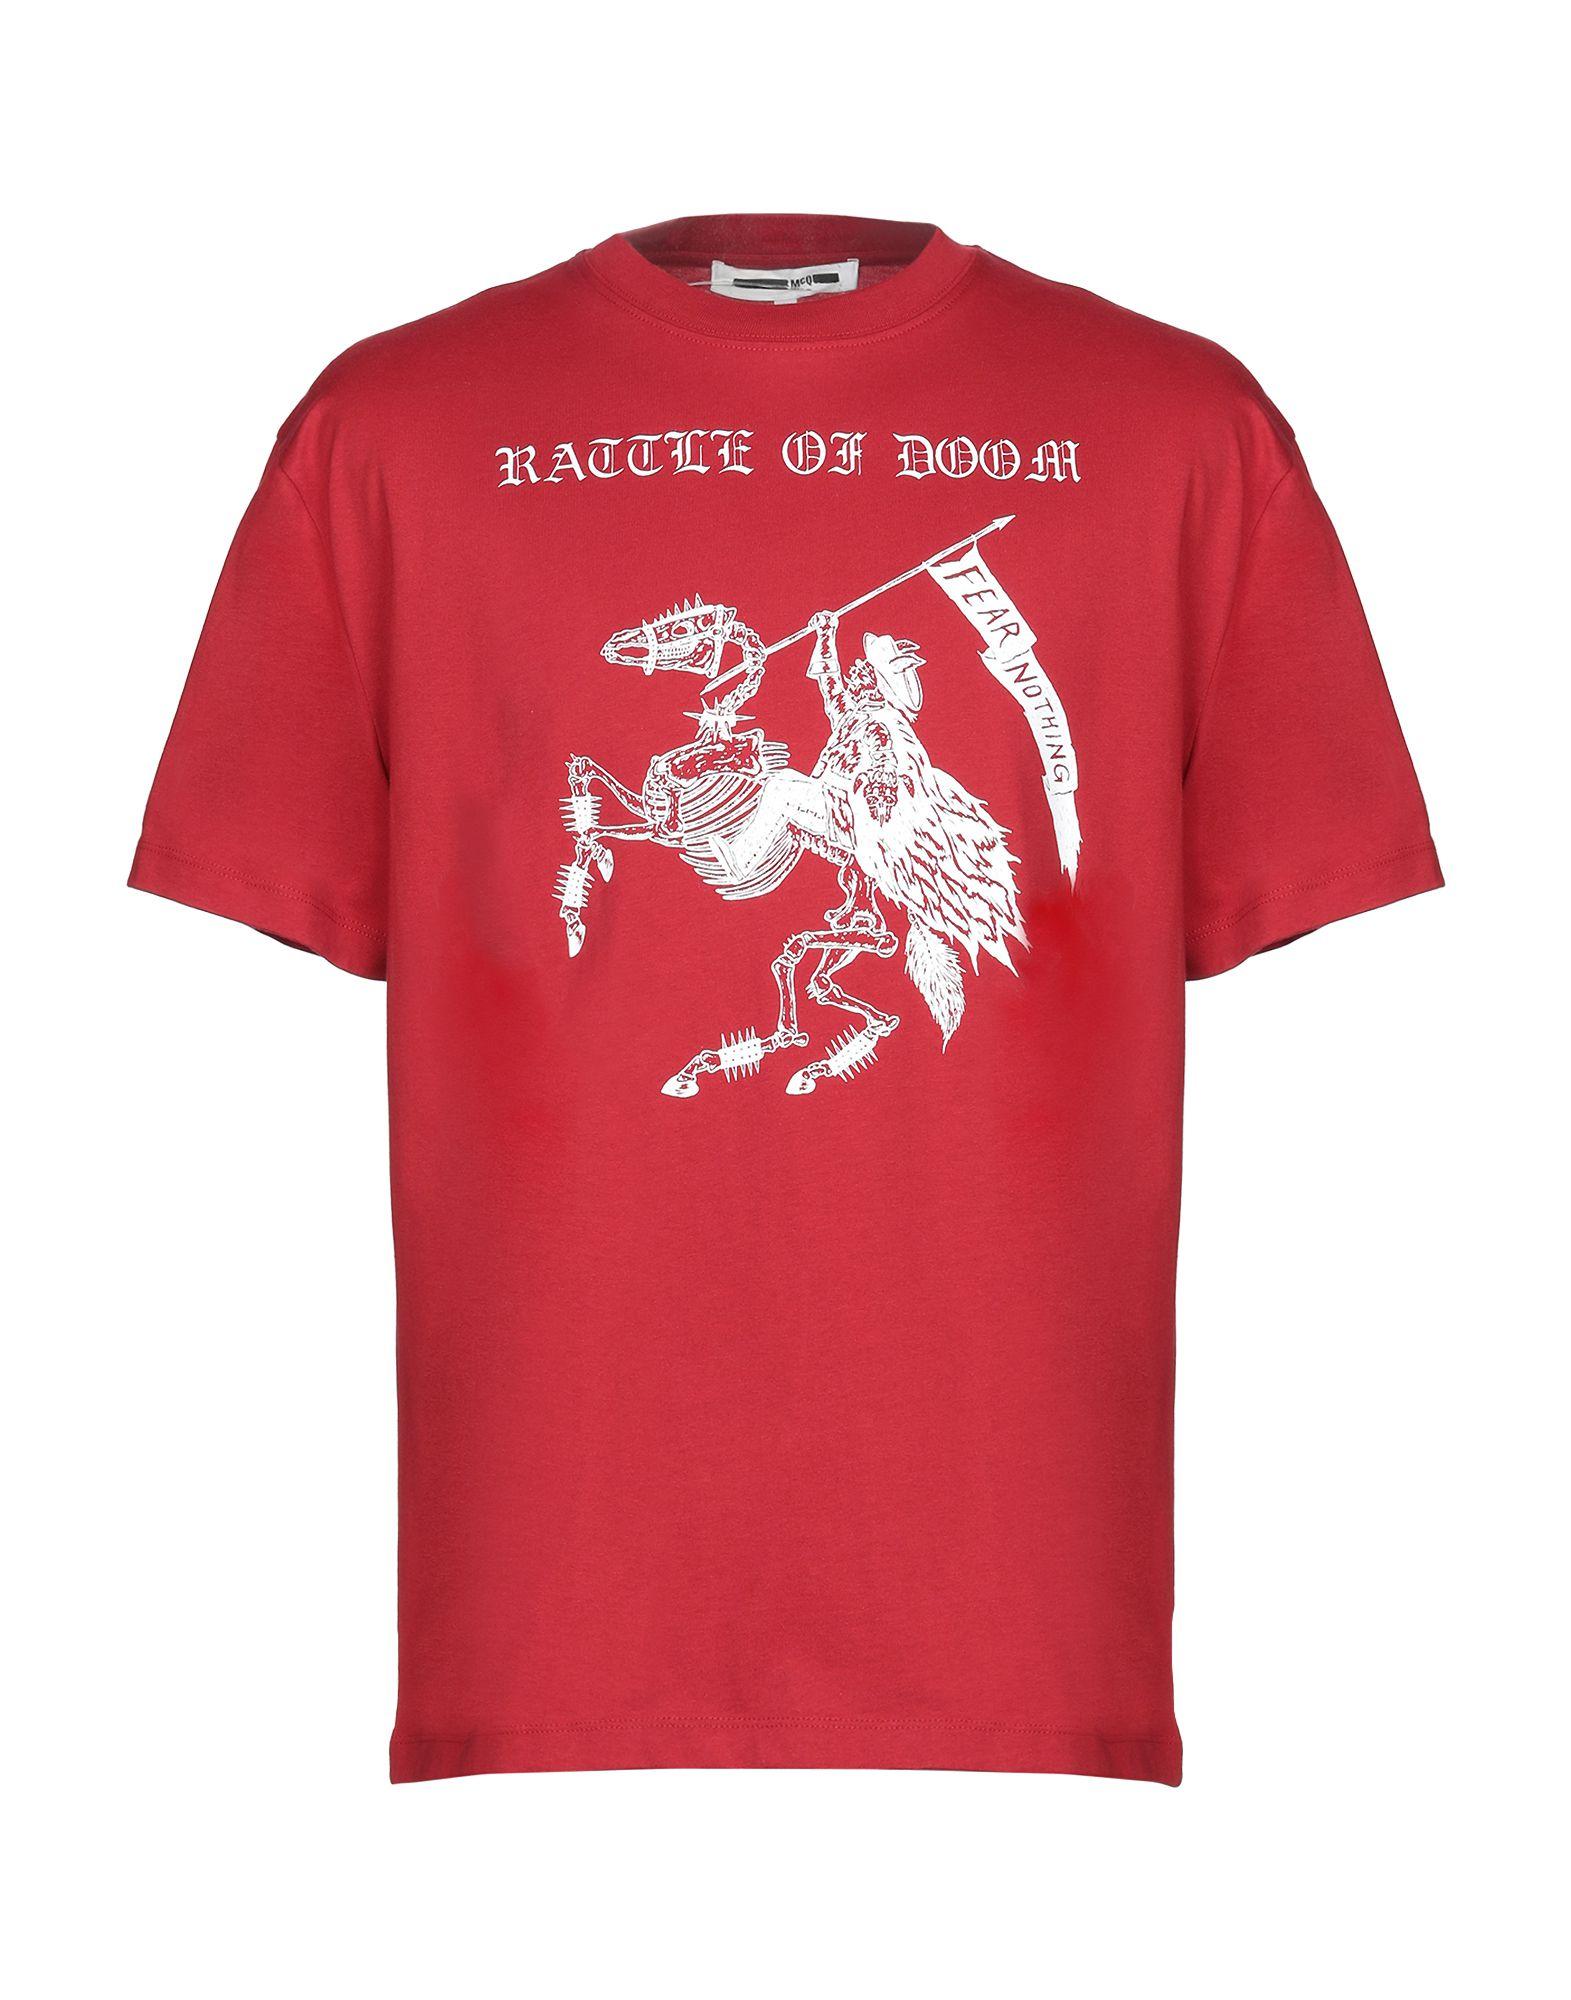 45b87738043 Mcq Alexander Mcqueen T-Shirt - Men Mcq Alexander Mcqueen T-Shirts ...